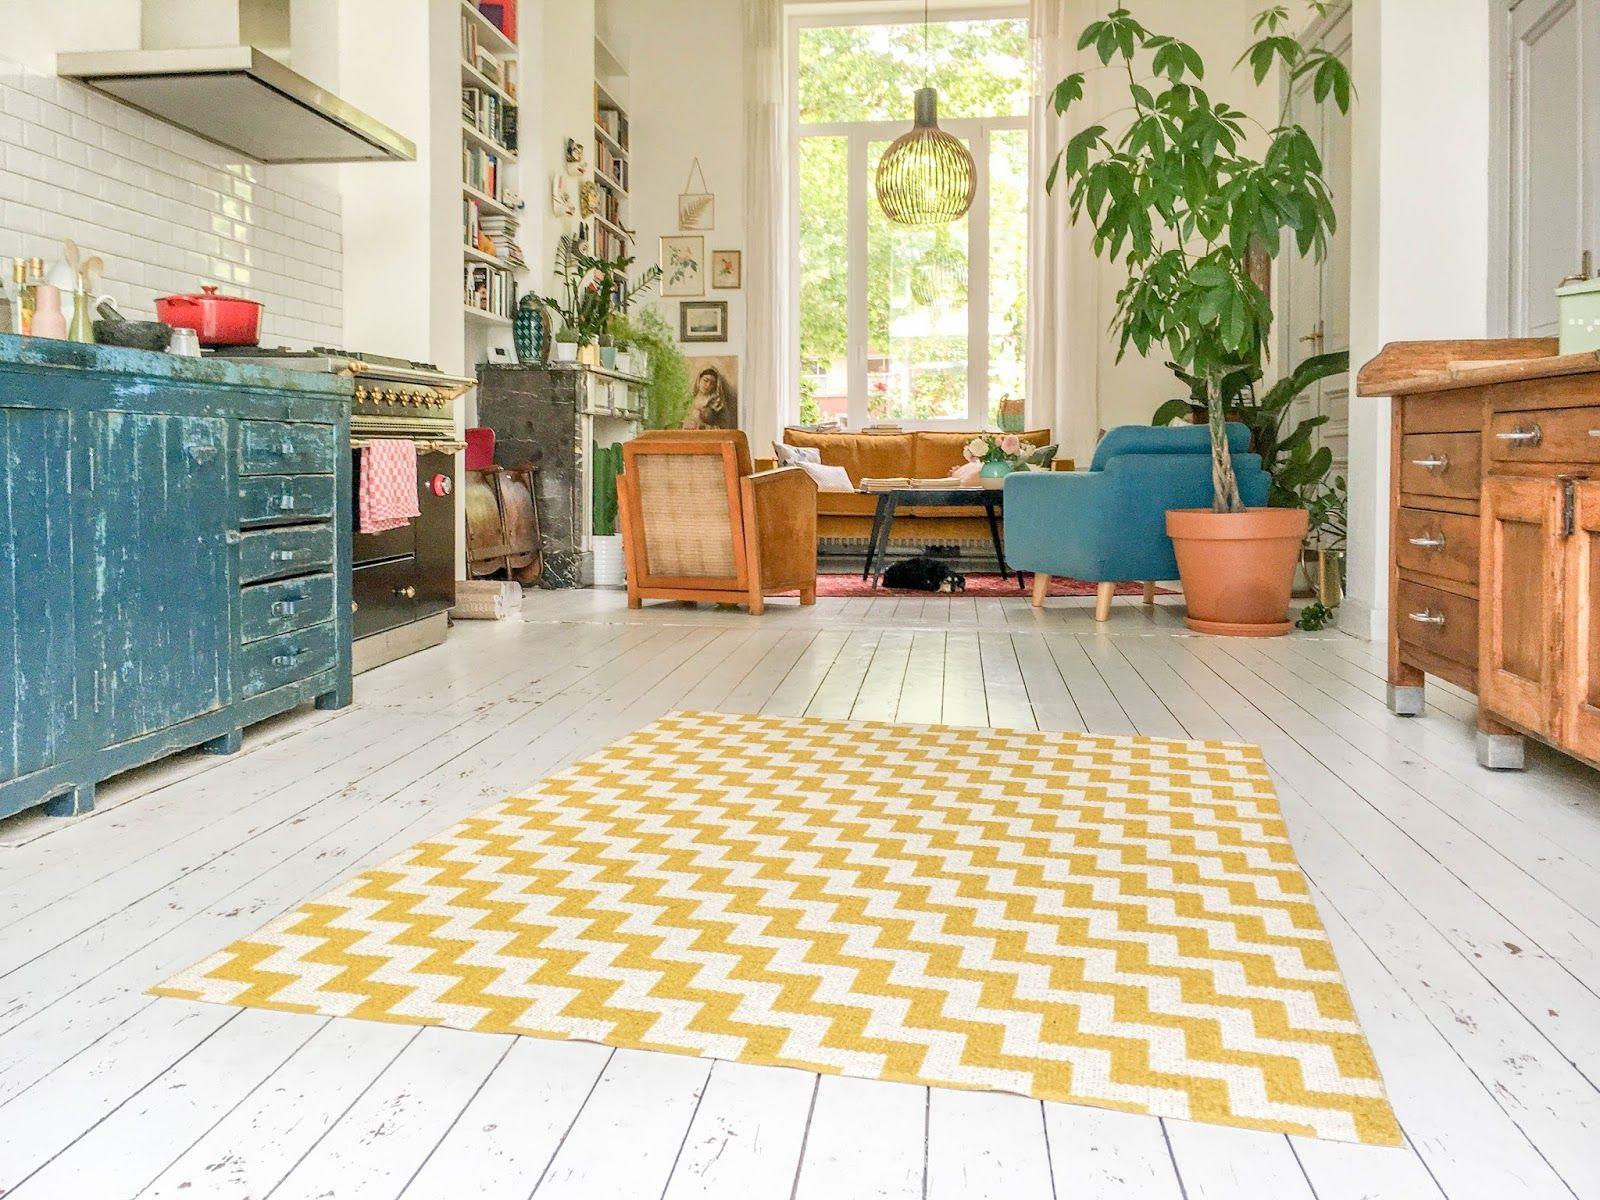 Dietemiet (met afbeeldingen) Ideeën voor thuisdecoratie